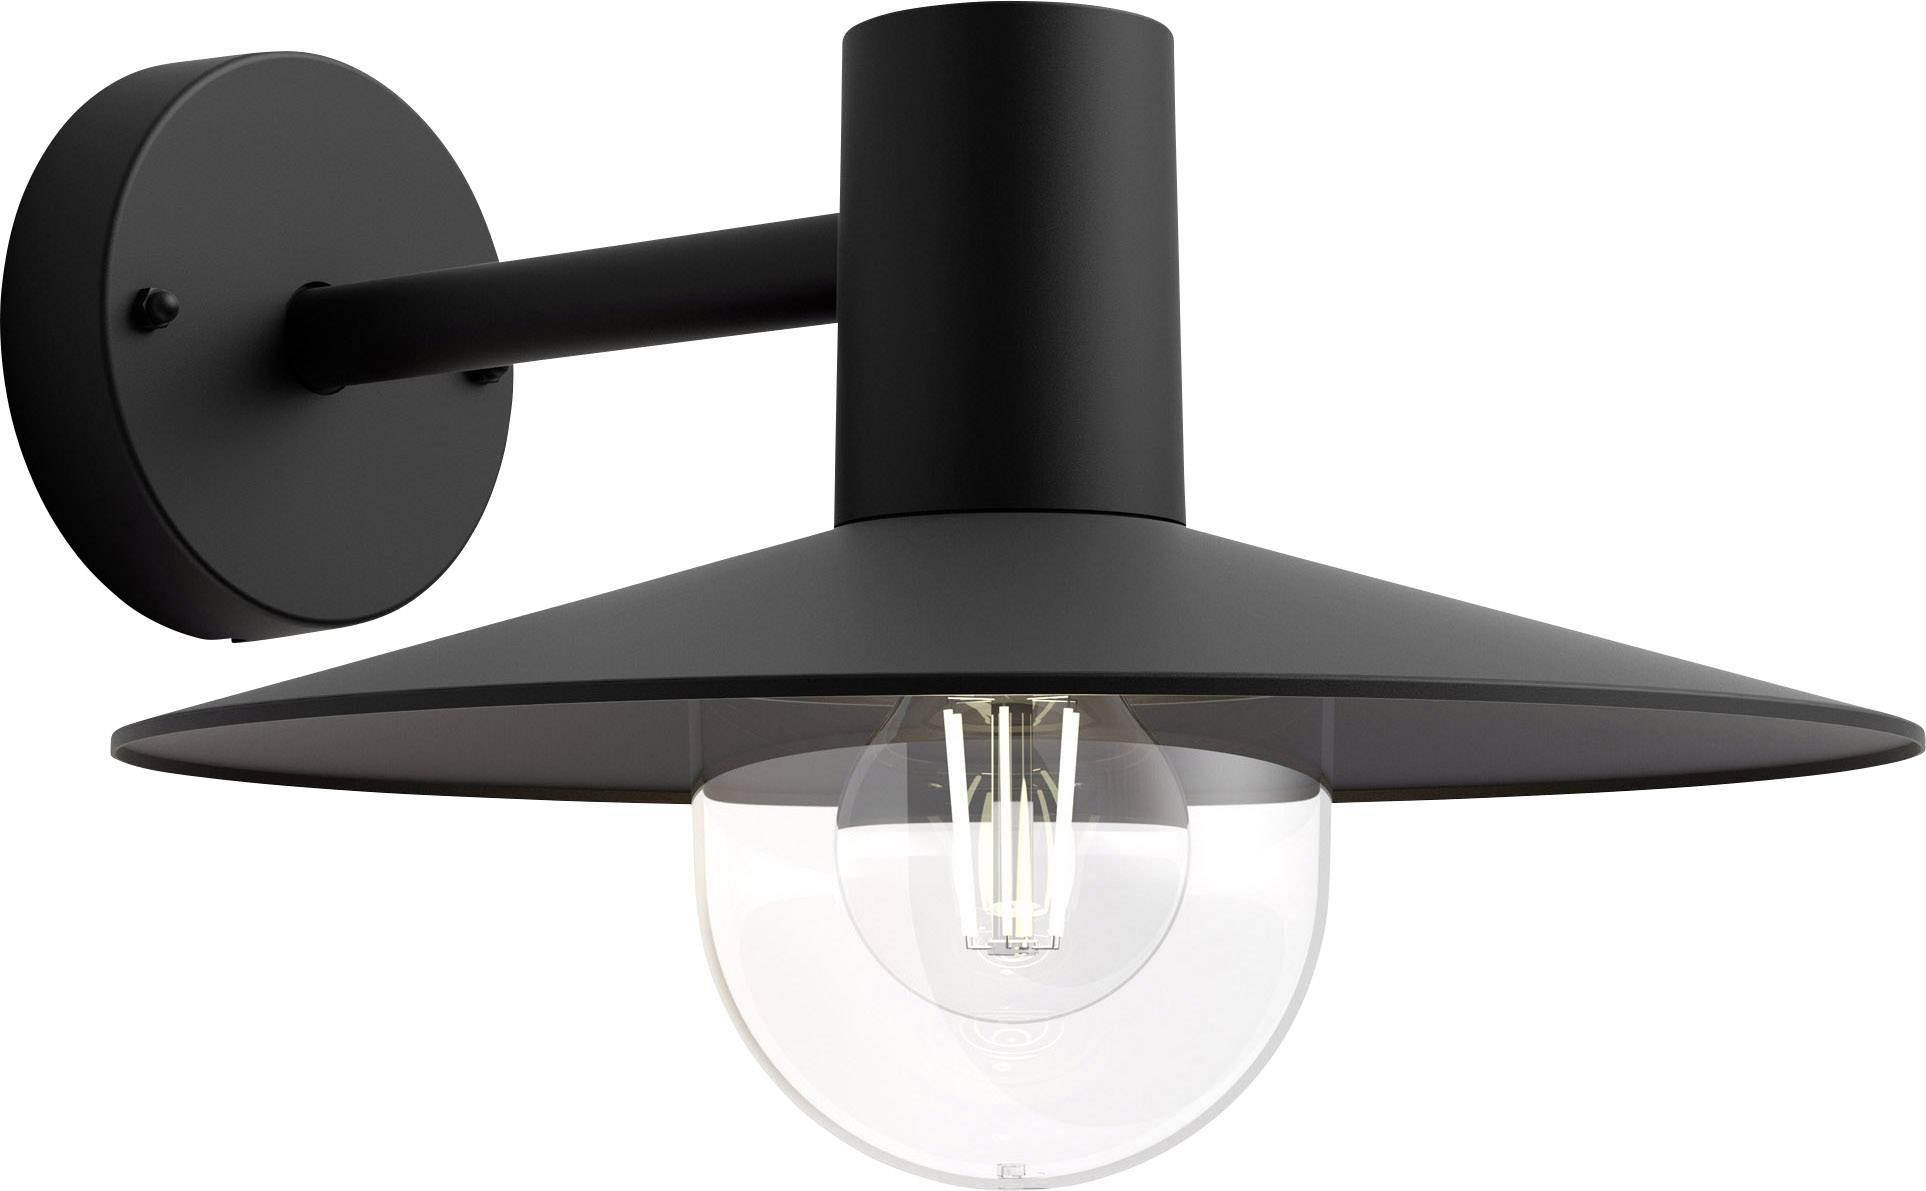 Philips skua 1738230pn lampada da parete per esterno led e27 42 w